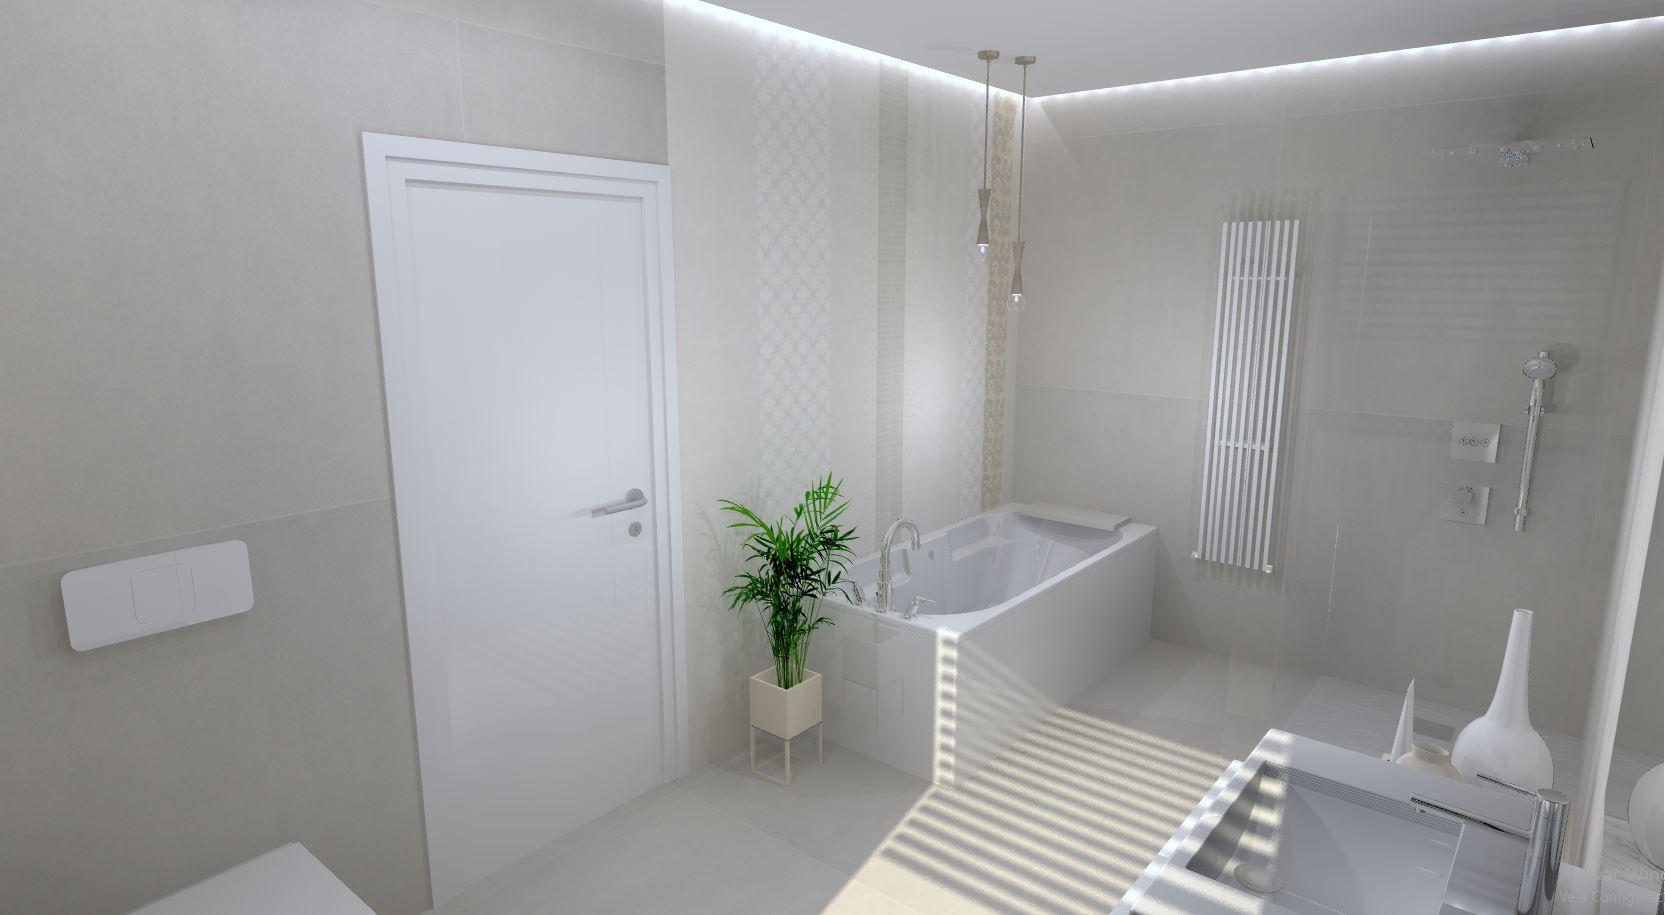 Geometría y claridad en un baño - Interiorismo DC & DC